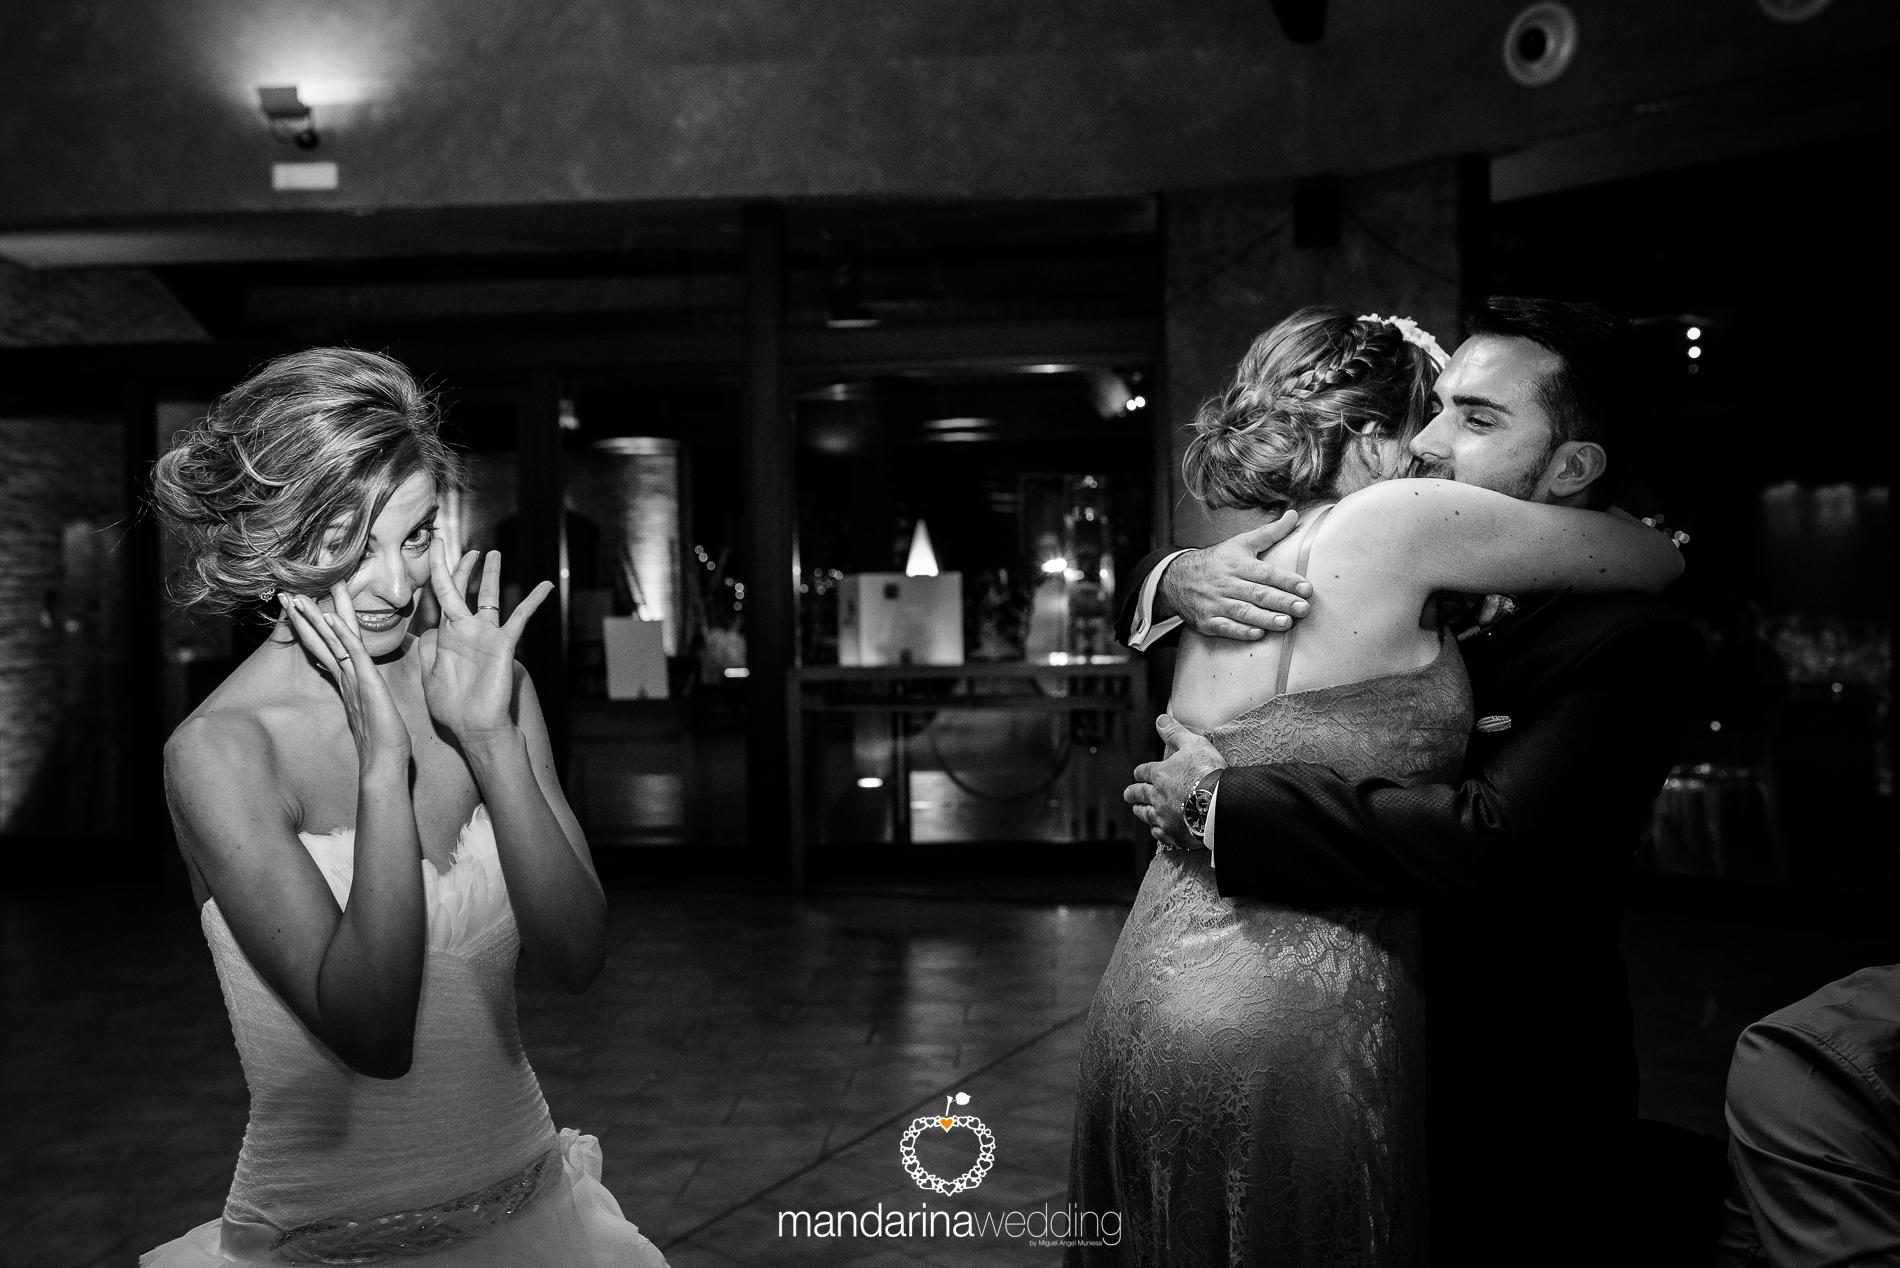 mandarina wedding_35